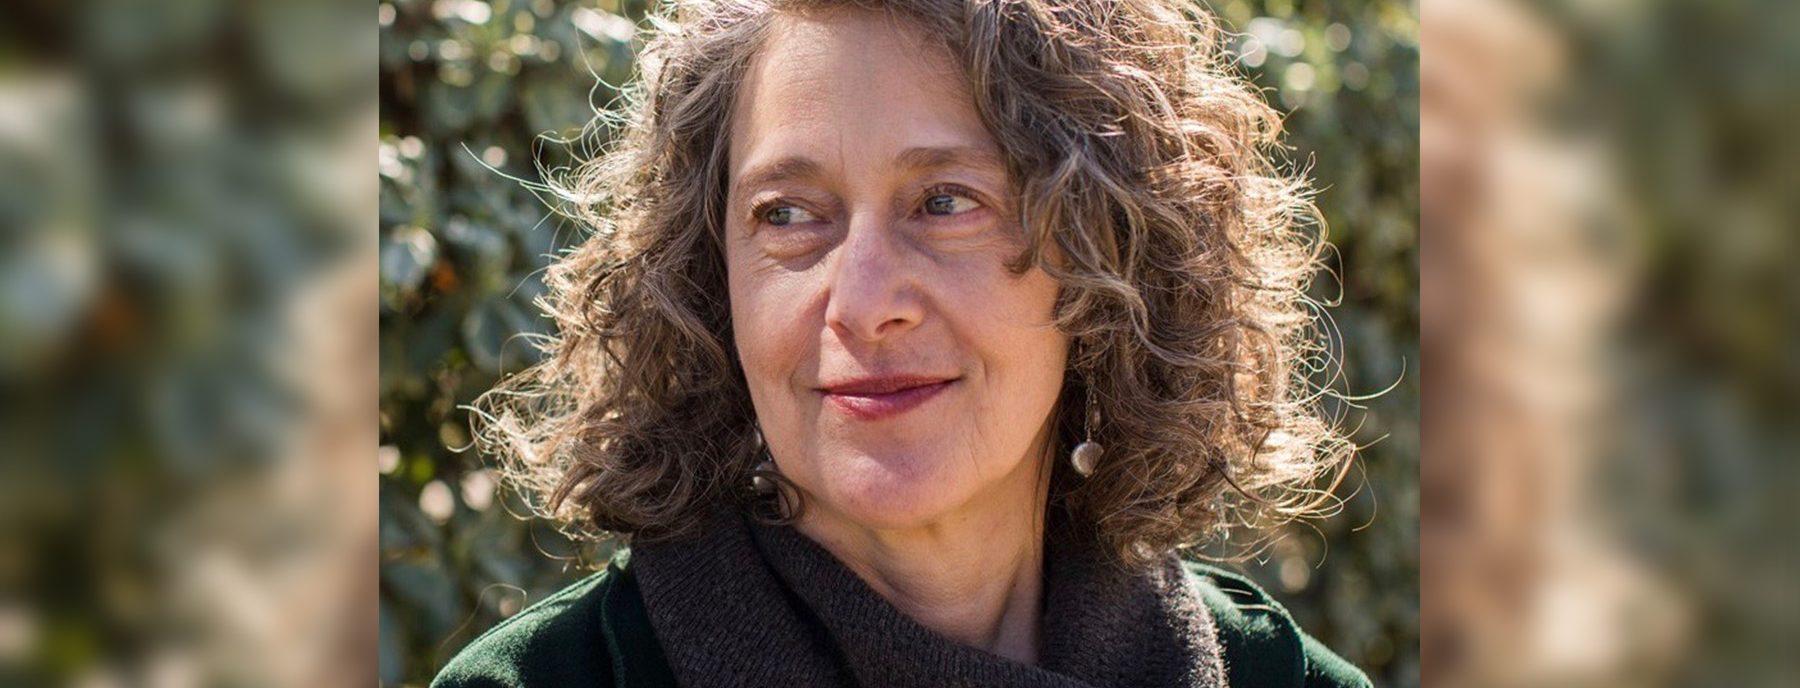 """Sally Lehrman ist Gründerin von """"The Trust Project"""" und eine von vier Keynotern beim scoopcamp 2018."""